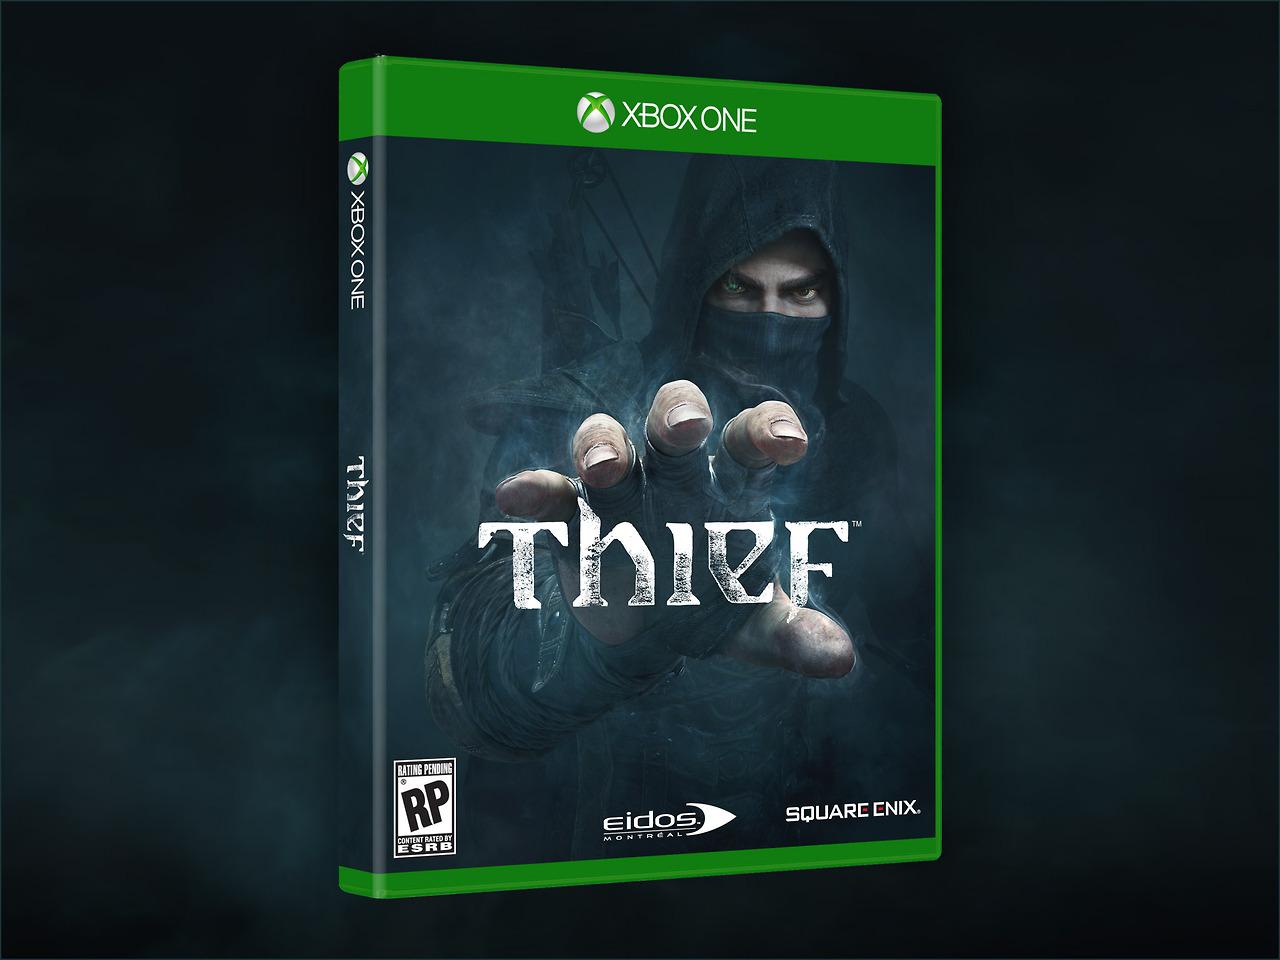 Thief si krade vaši pozornost v novém traileru 86204